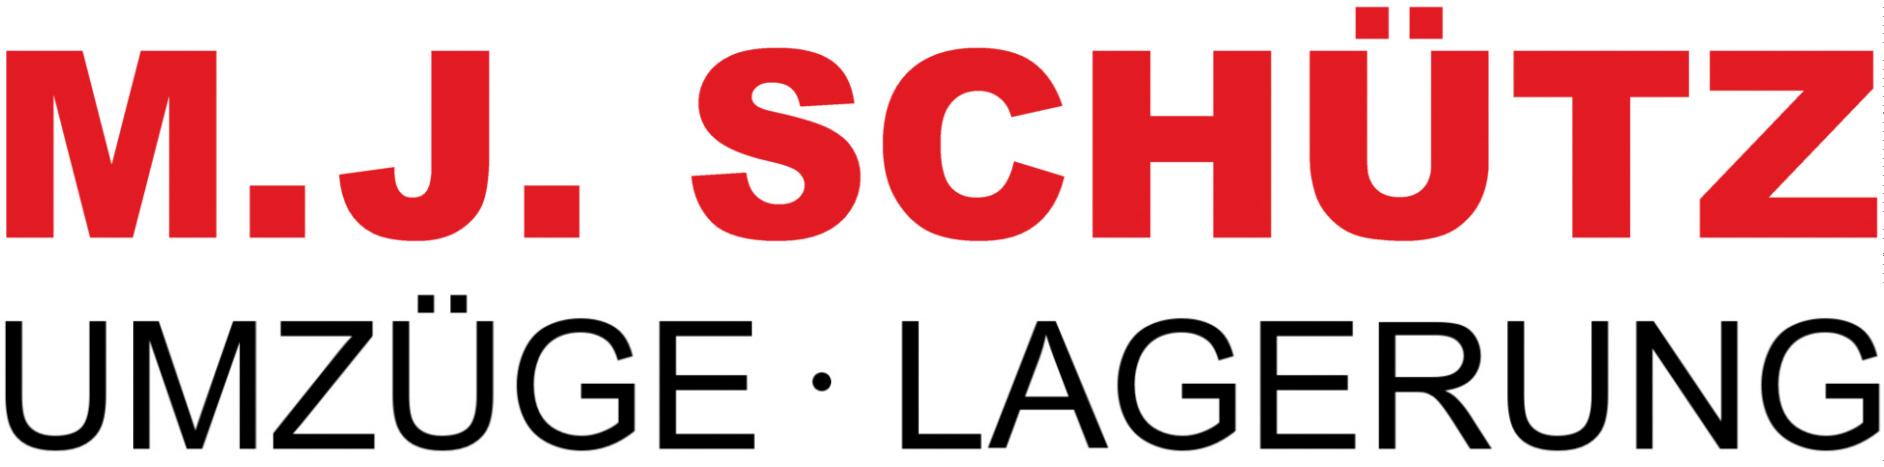 Spedition möbel kosten  MJ SCHÜTZ Koblenz Neuwied Rheinland-Pfalz: Umzüge Umzug Möbel Spedition